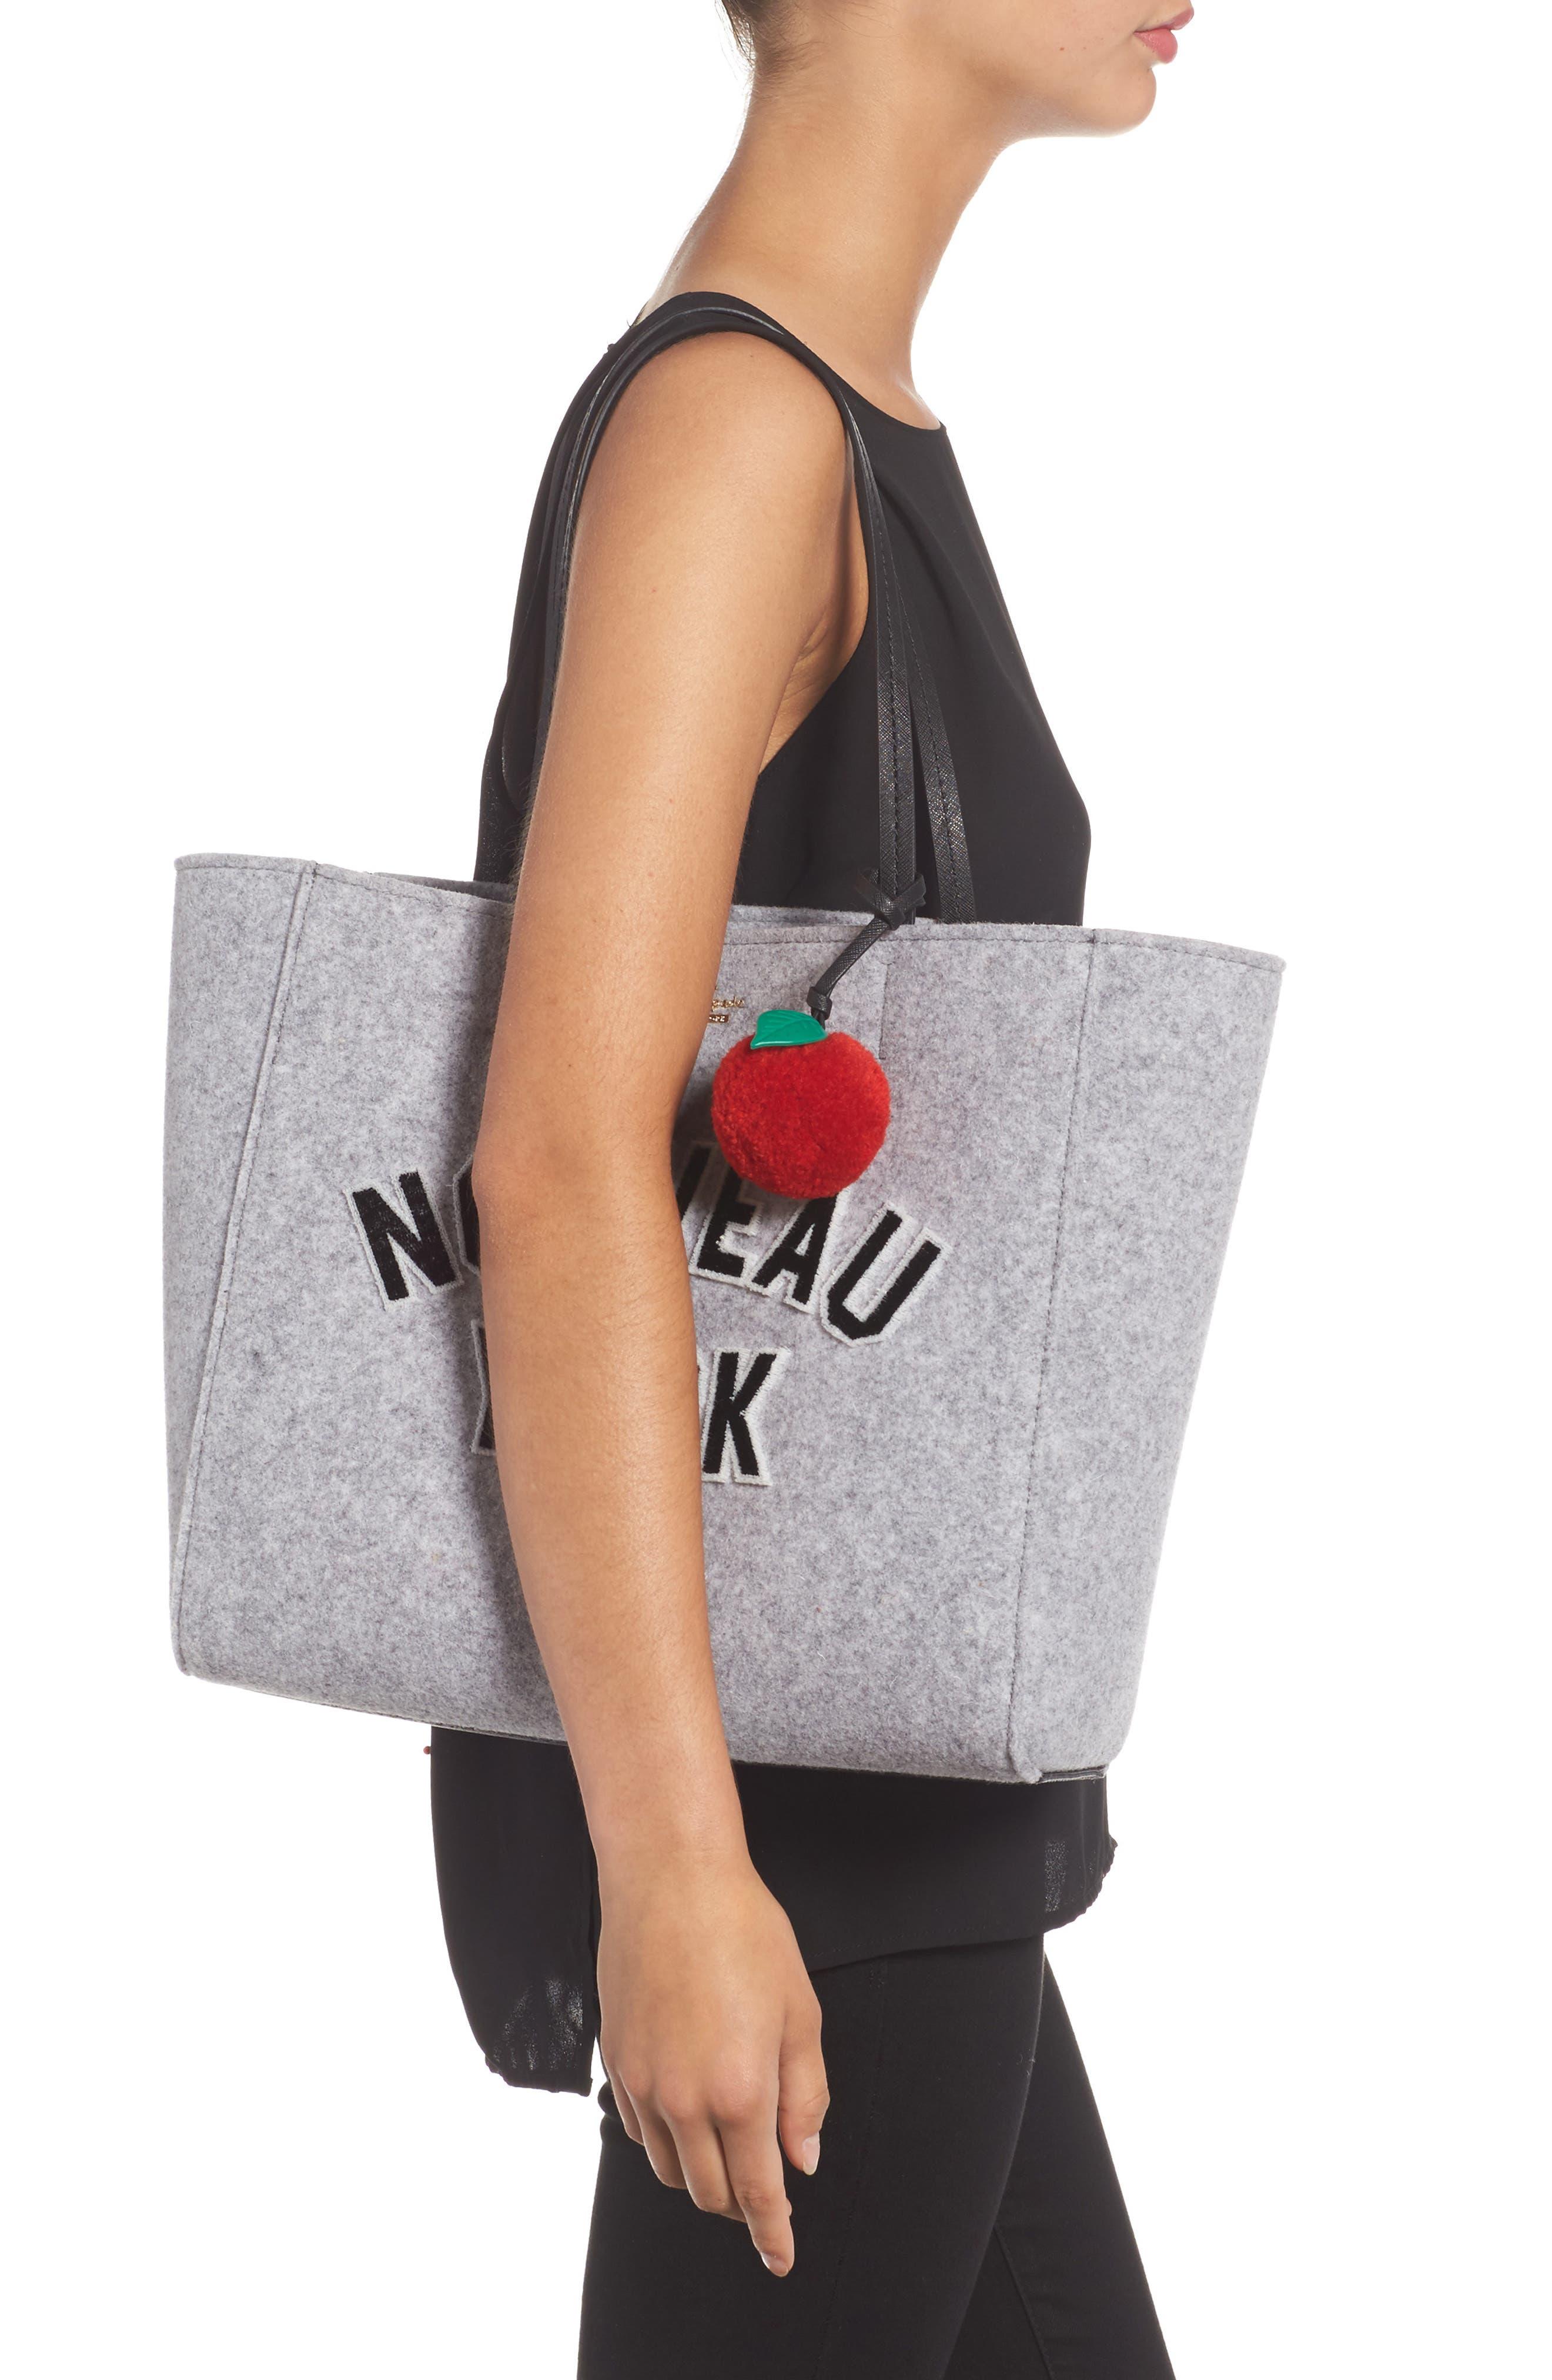 nouveau york - hallie flannel tote & apple pom bag charm,                             Alternate thumbnail 2, color,                             027